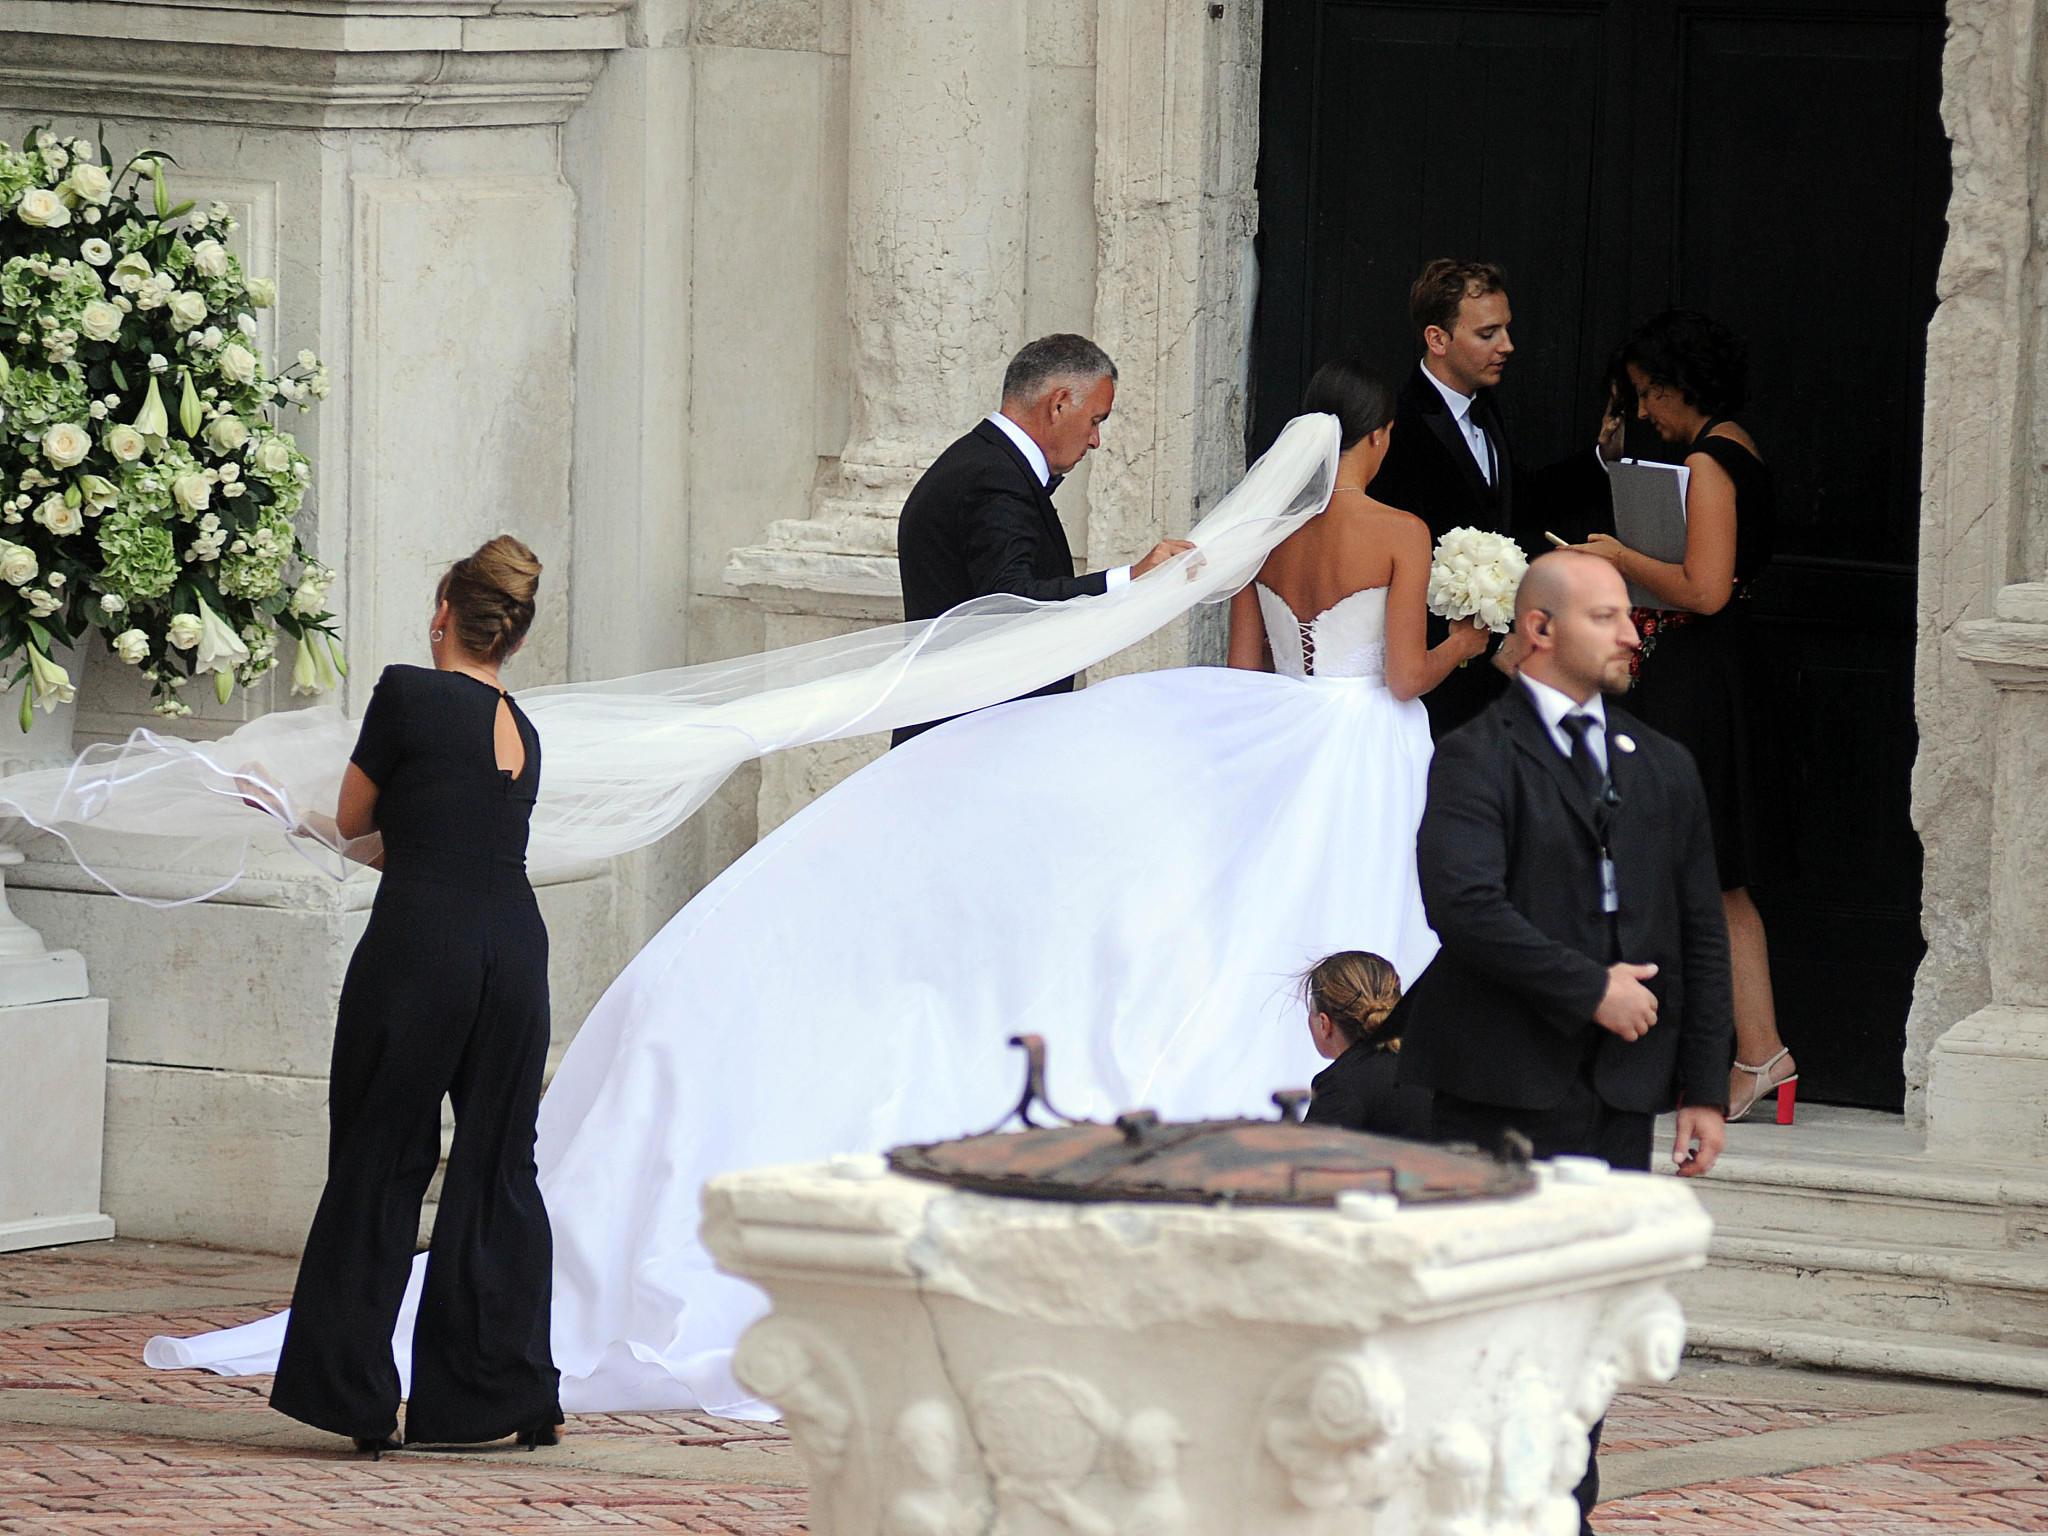 Hochzeit Schweinsteiger Ivanovic